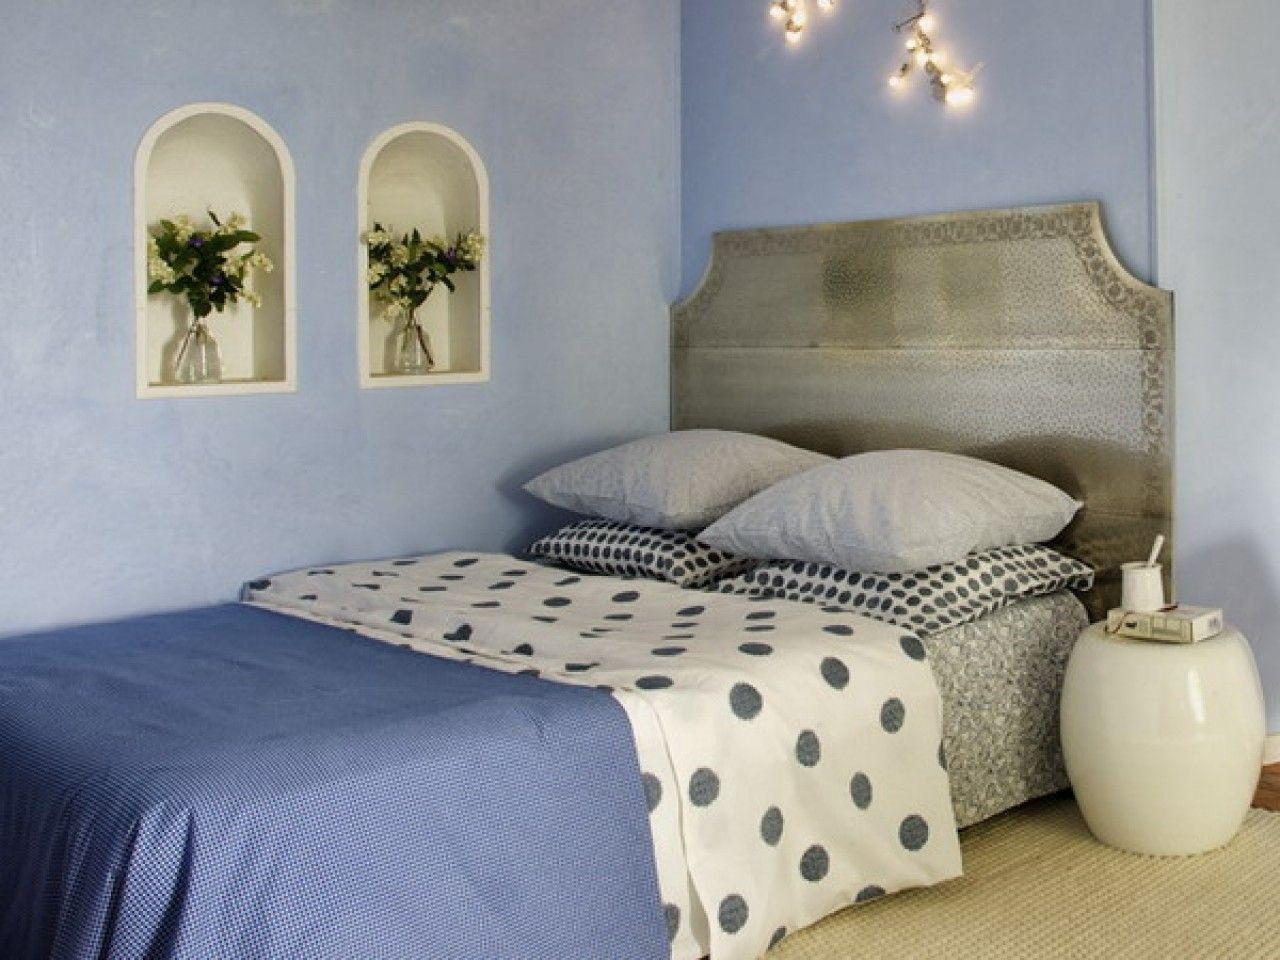 Inspirierende Italienische Themed Schlafzimmer Ideen Foto #indischesschlafzimmer Interior Design Vintage Villas Haus Deko Ideen - Inspirierende Italienische Themed Schlafzimmer Ideen Foto  #inspirierende #italienische #themed #indischesschlafzimmer